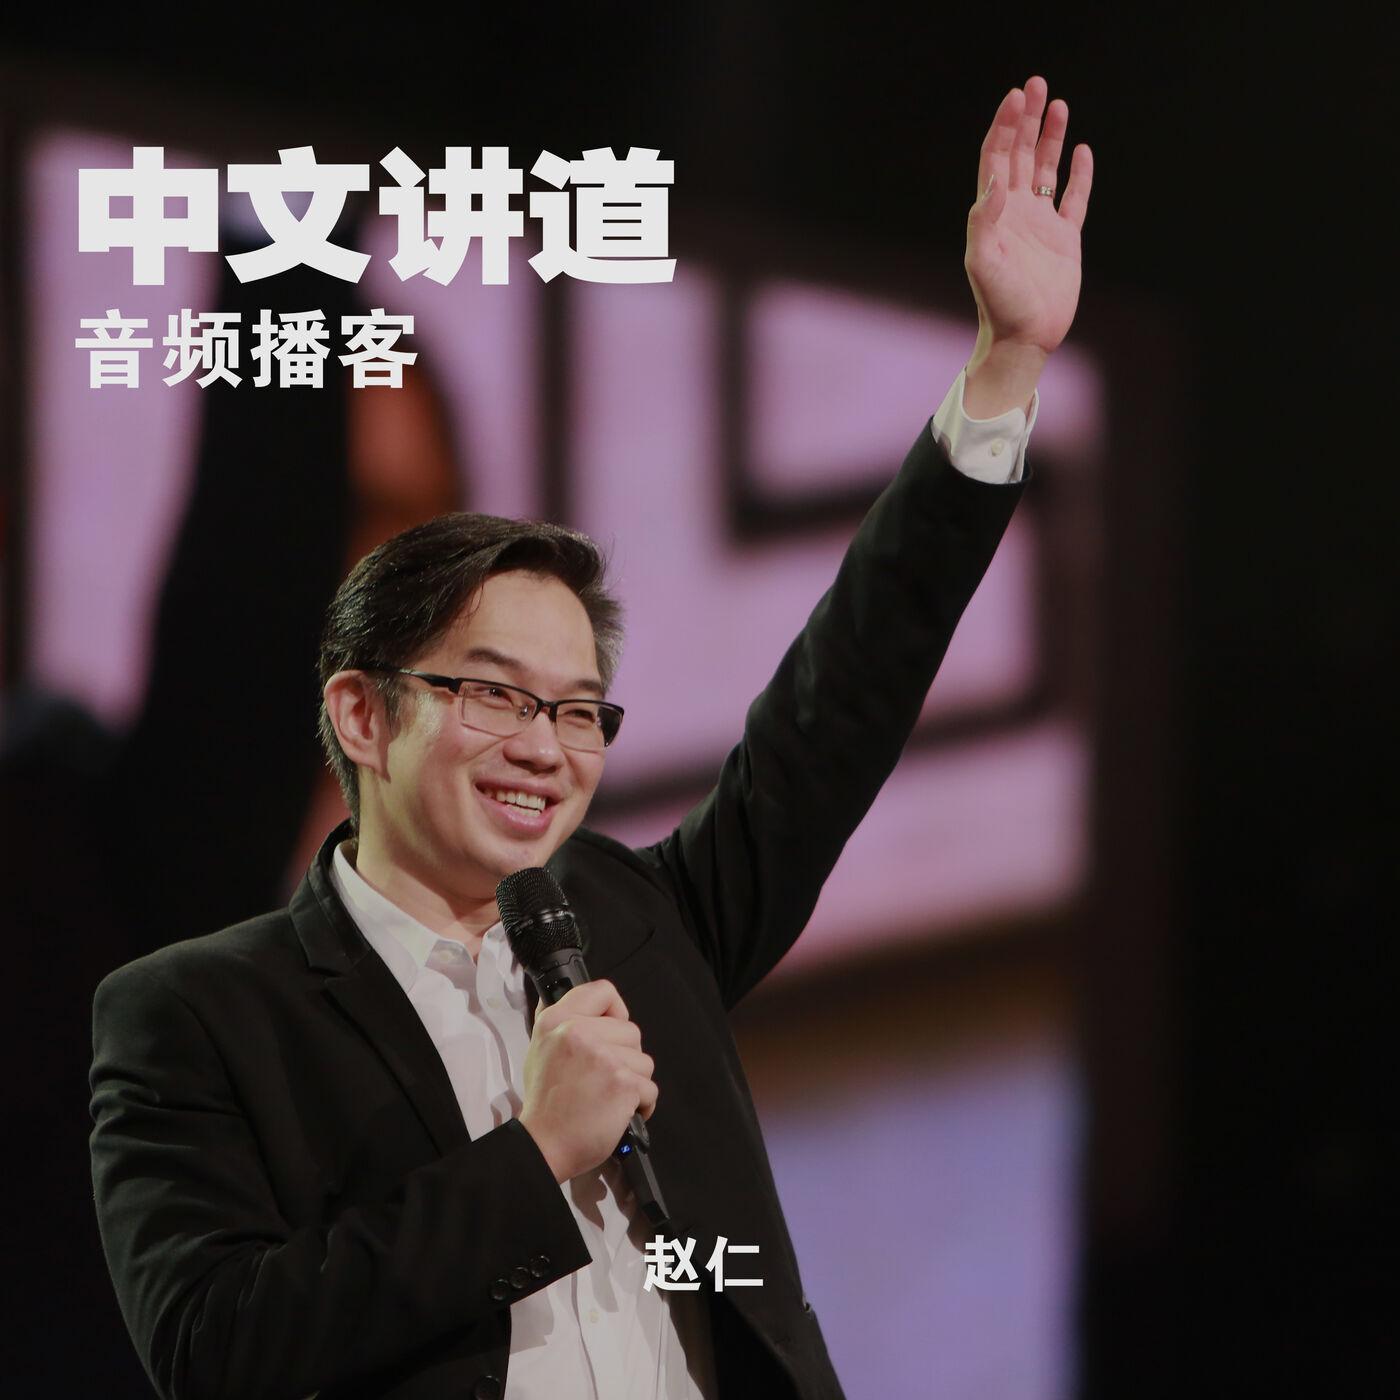 赵仁:圣灵的仆人